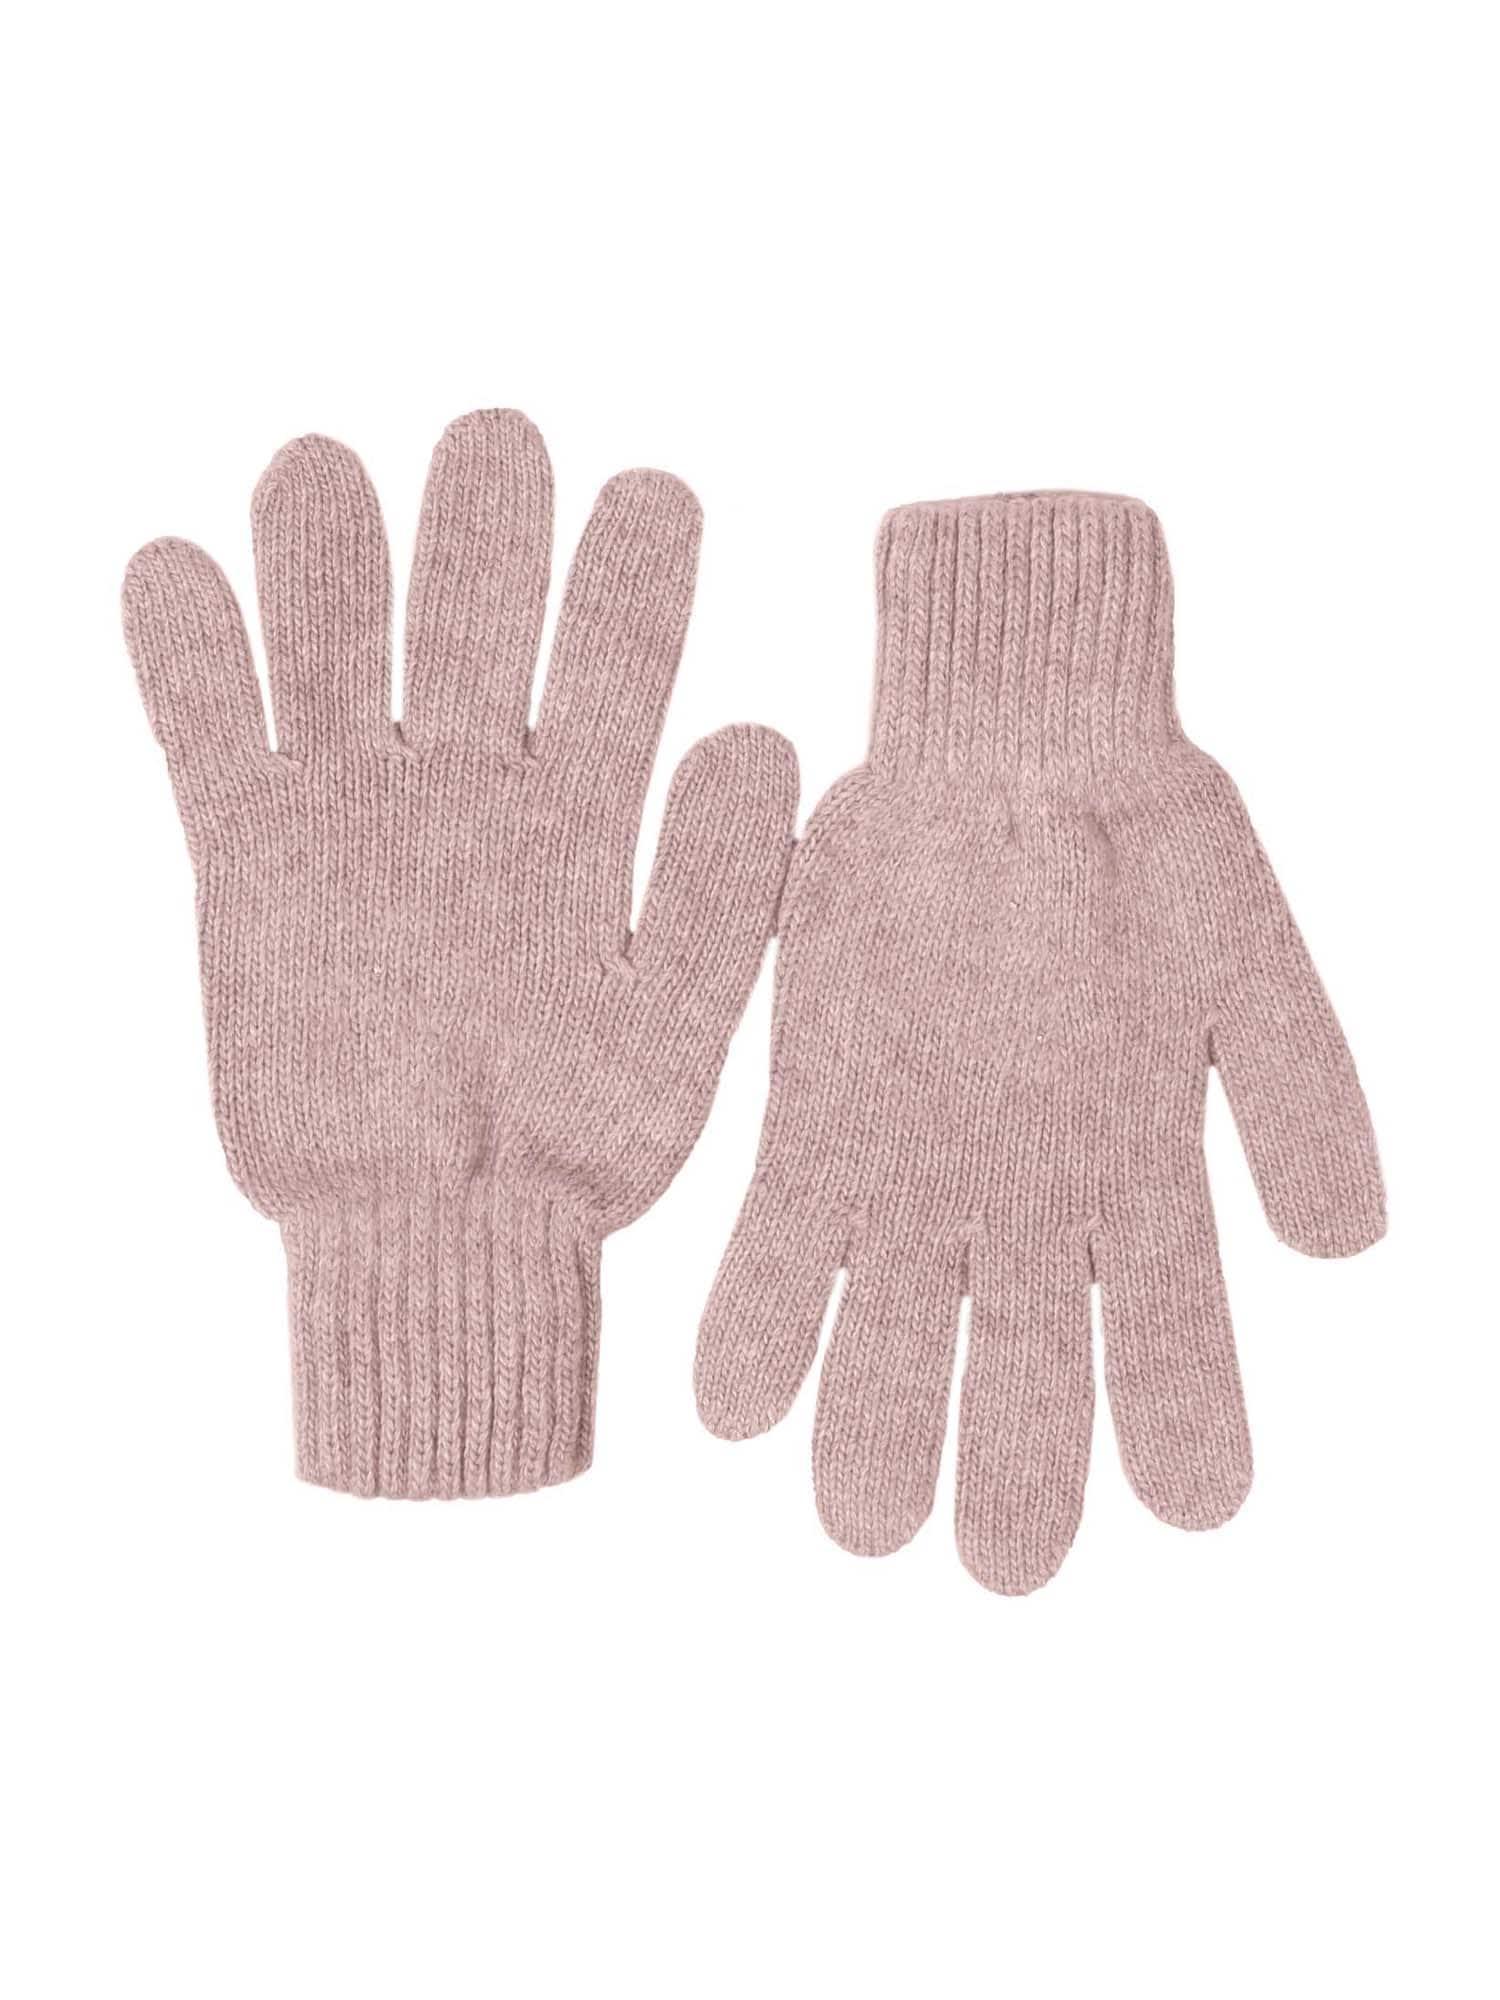 Zwillingsherz Pirštuotos pirštinės ryškiai rožinė spalva